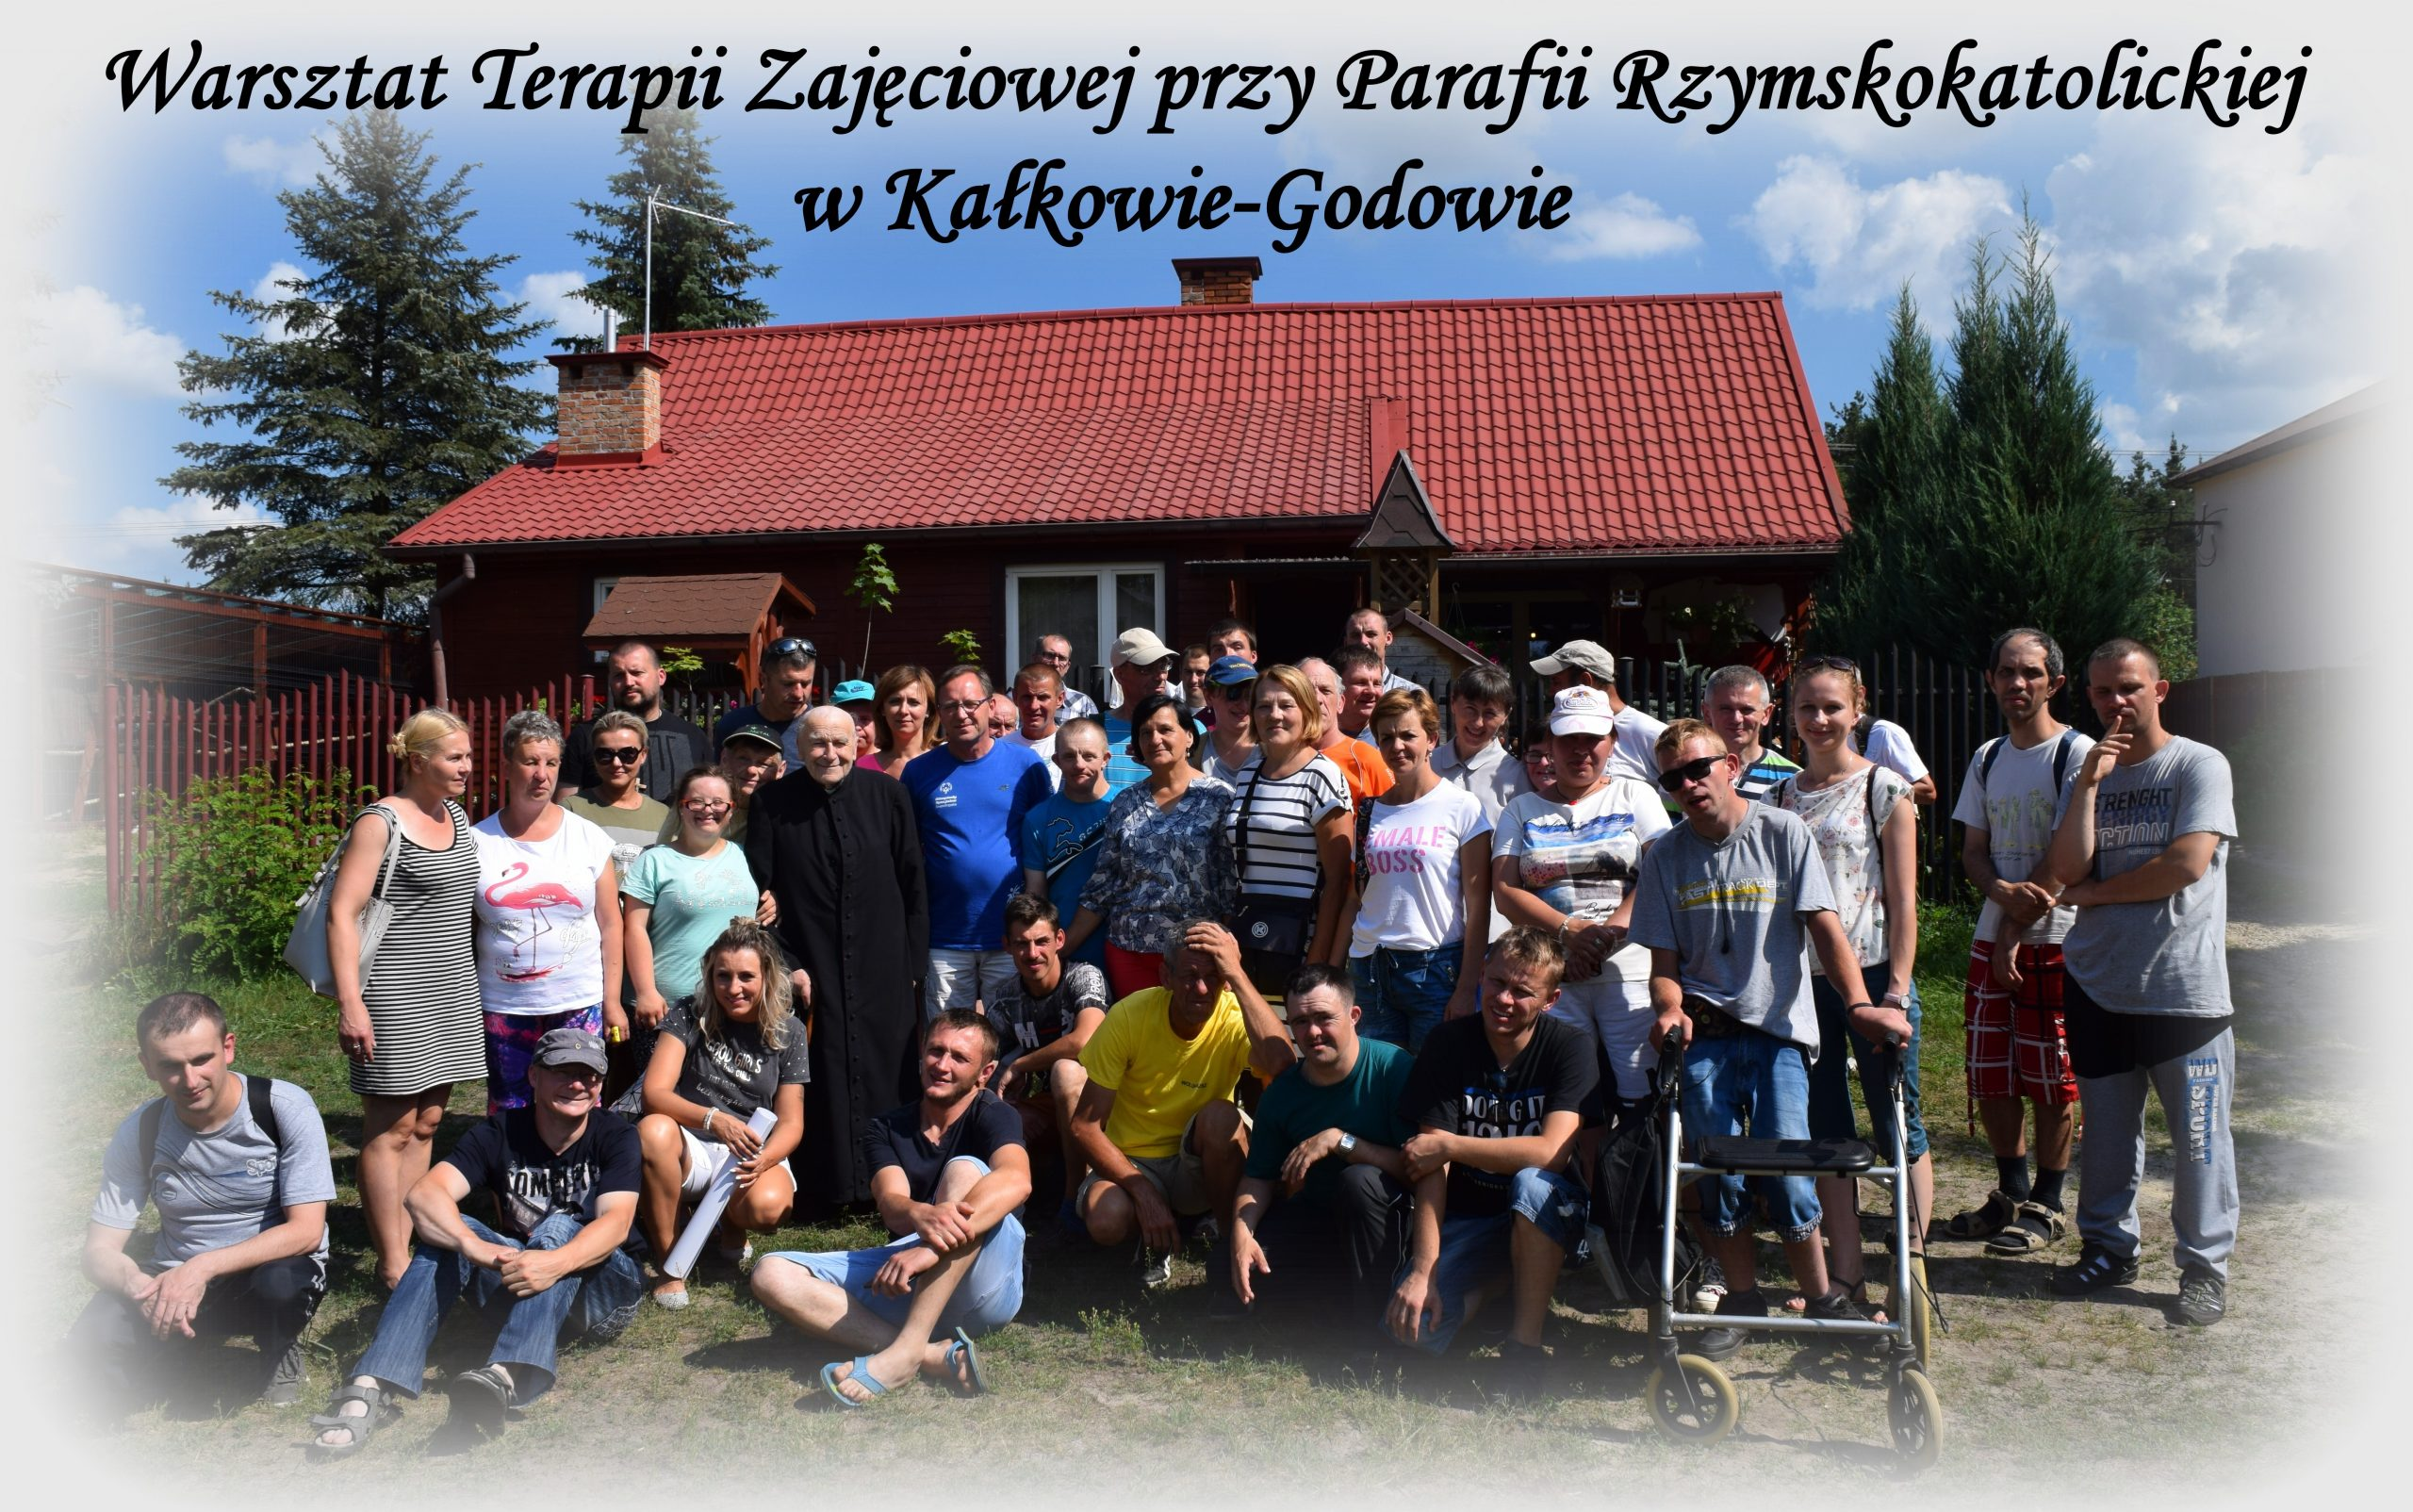 Warsztat Terapii Zajęciowej przy Parafii Rzymskokatolickiej w Kałkowie – Godowie